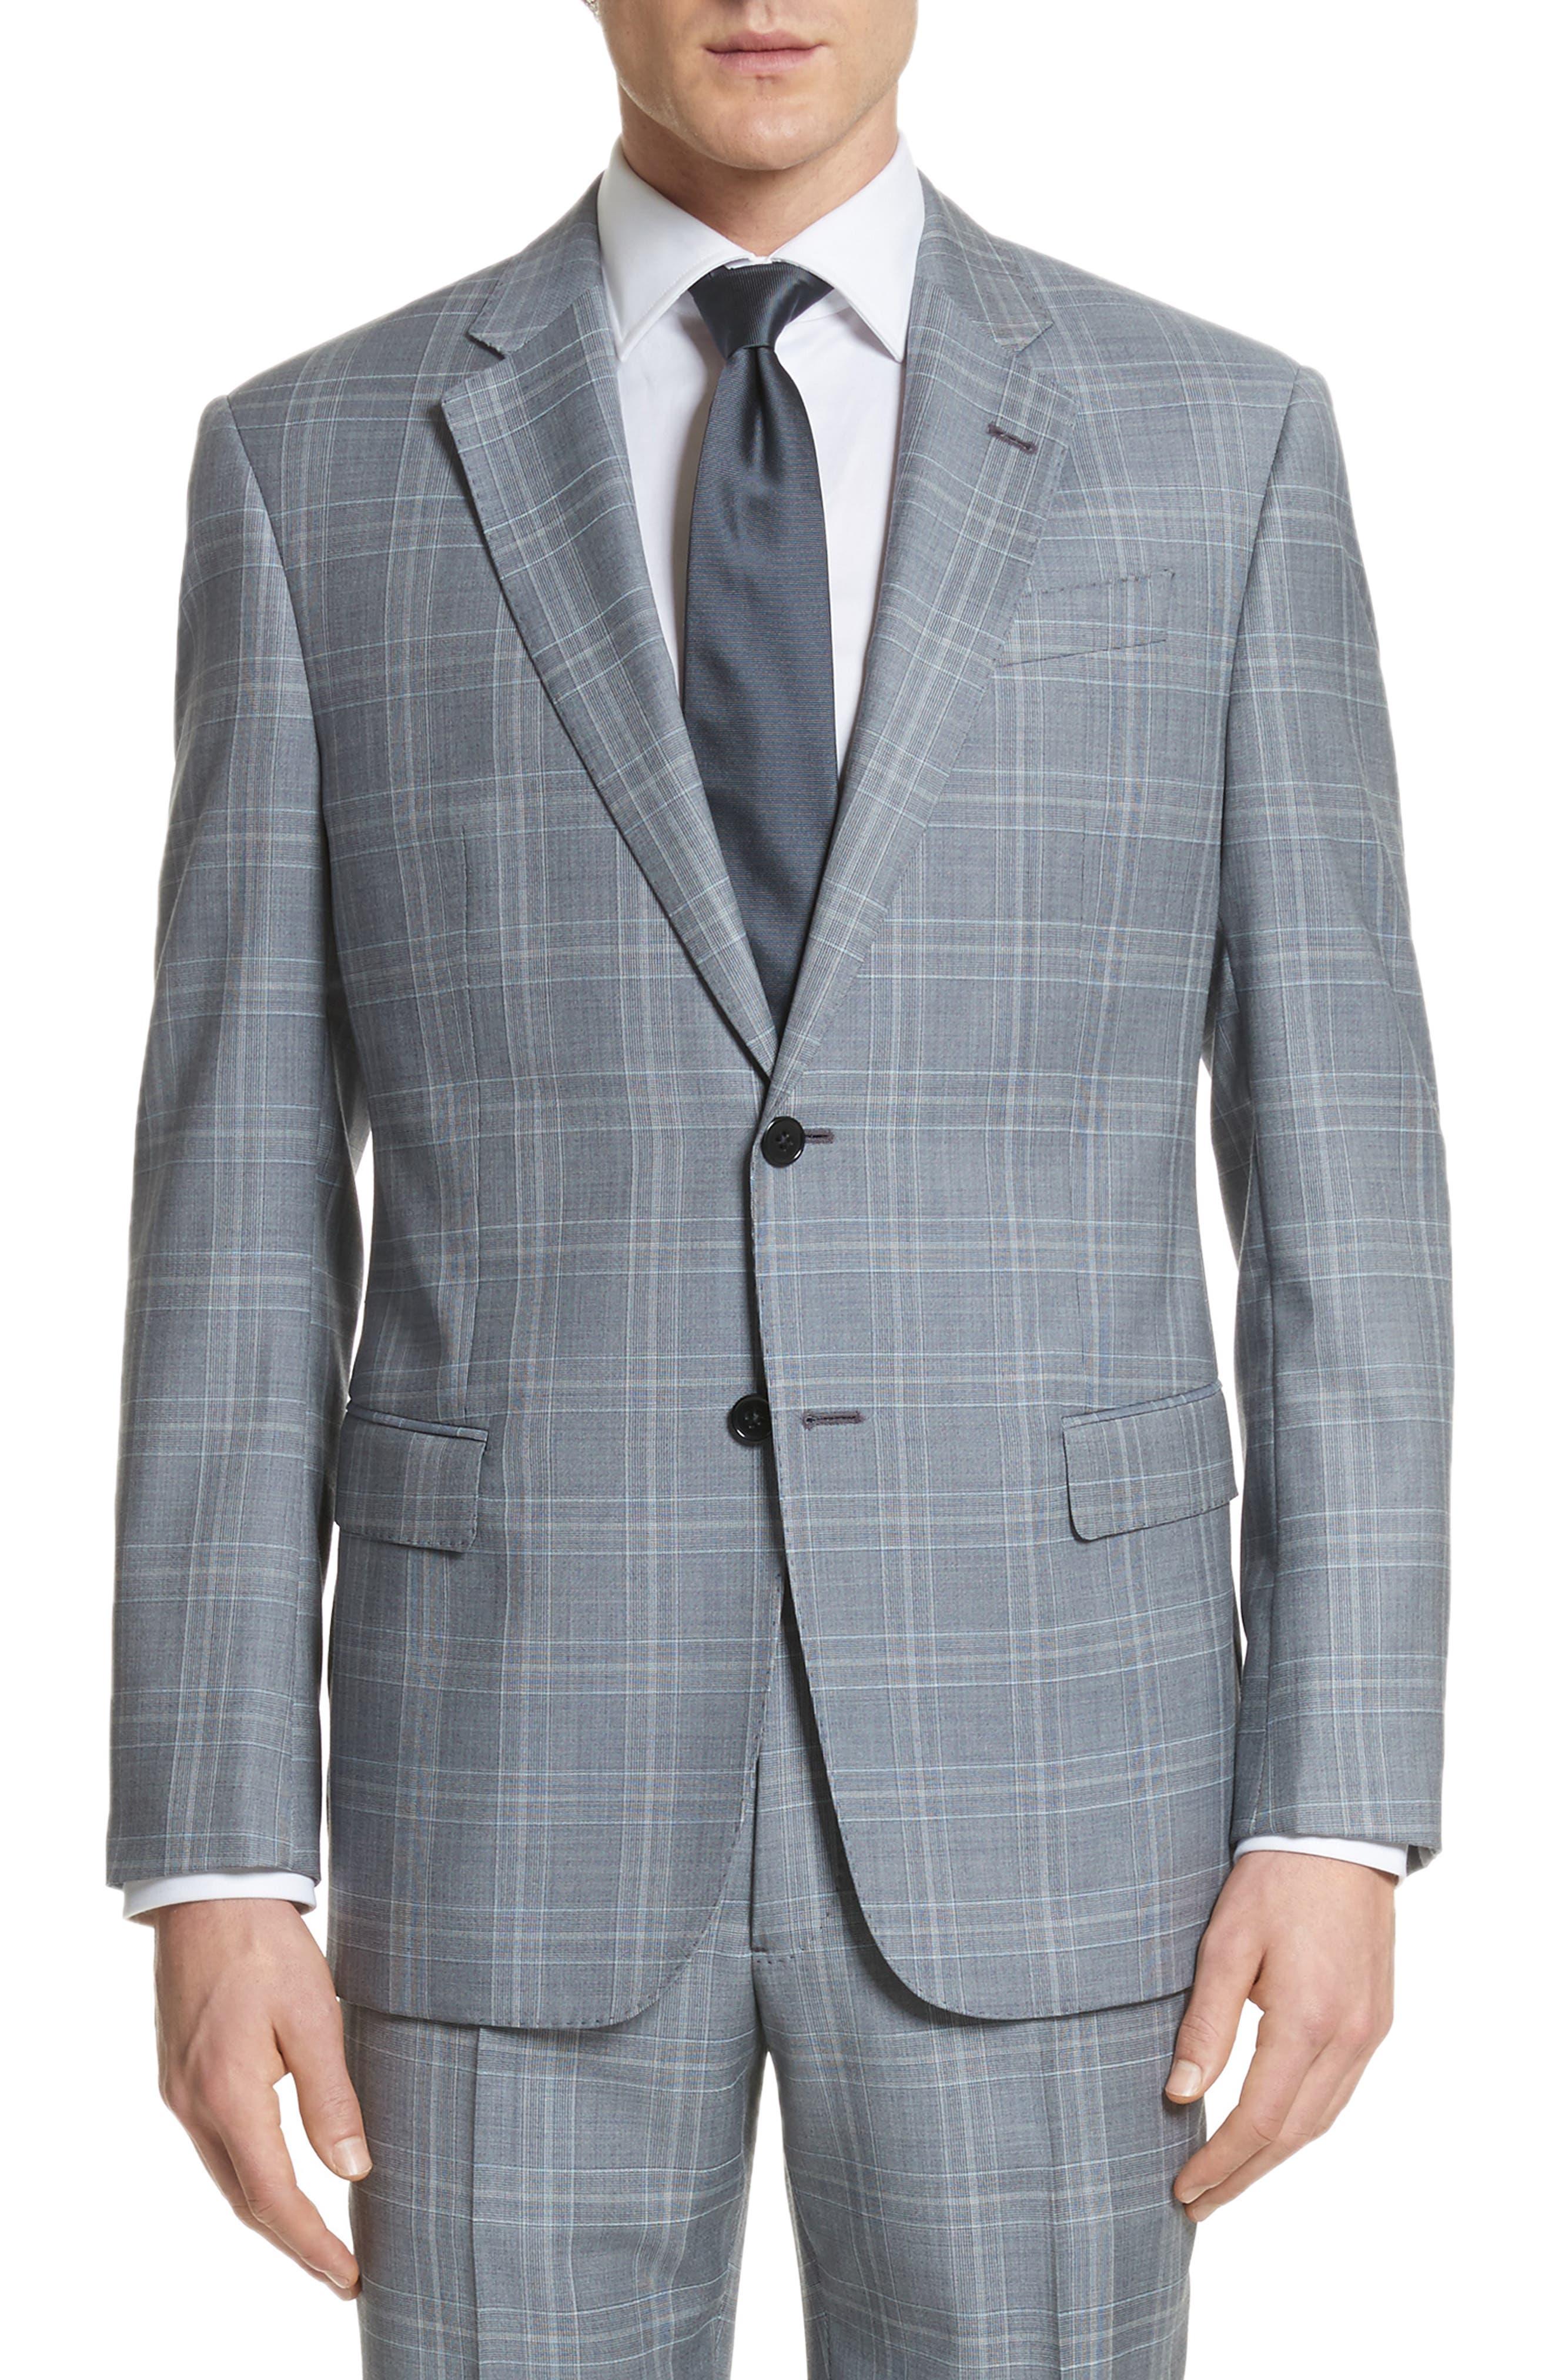 G-Line Trim Fit Plaid Wool Suit,                             Alternate thumbnail 5, color,                             Grey